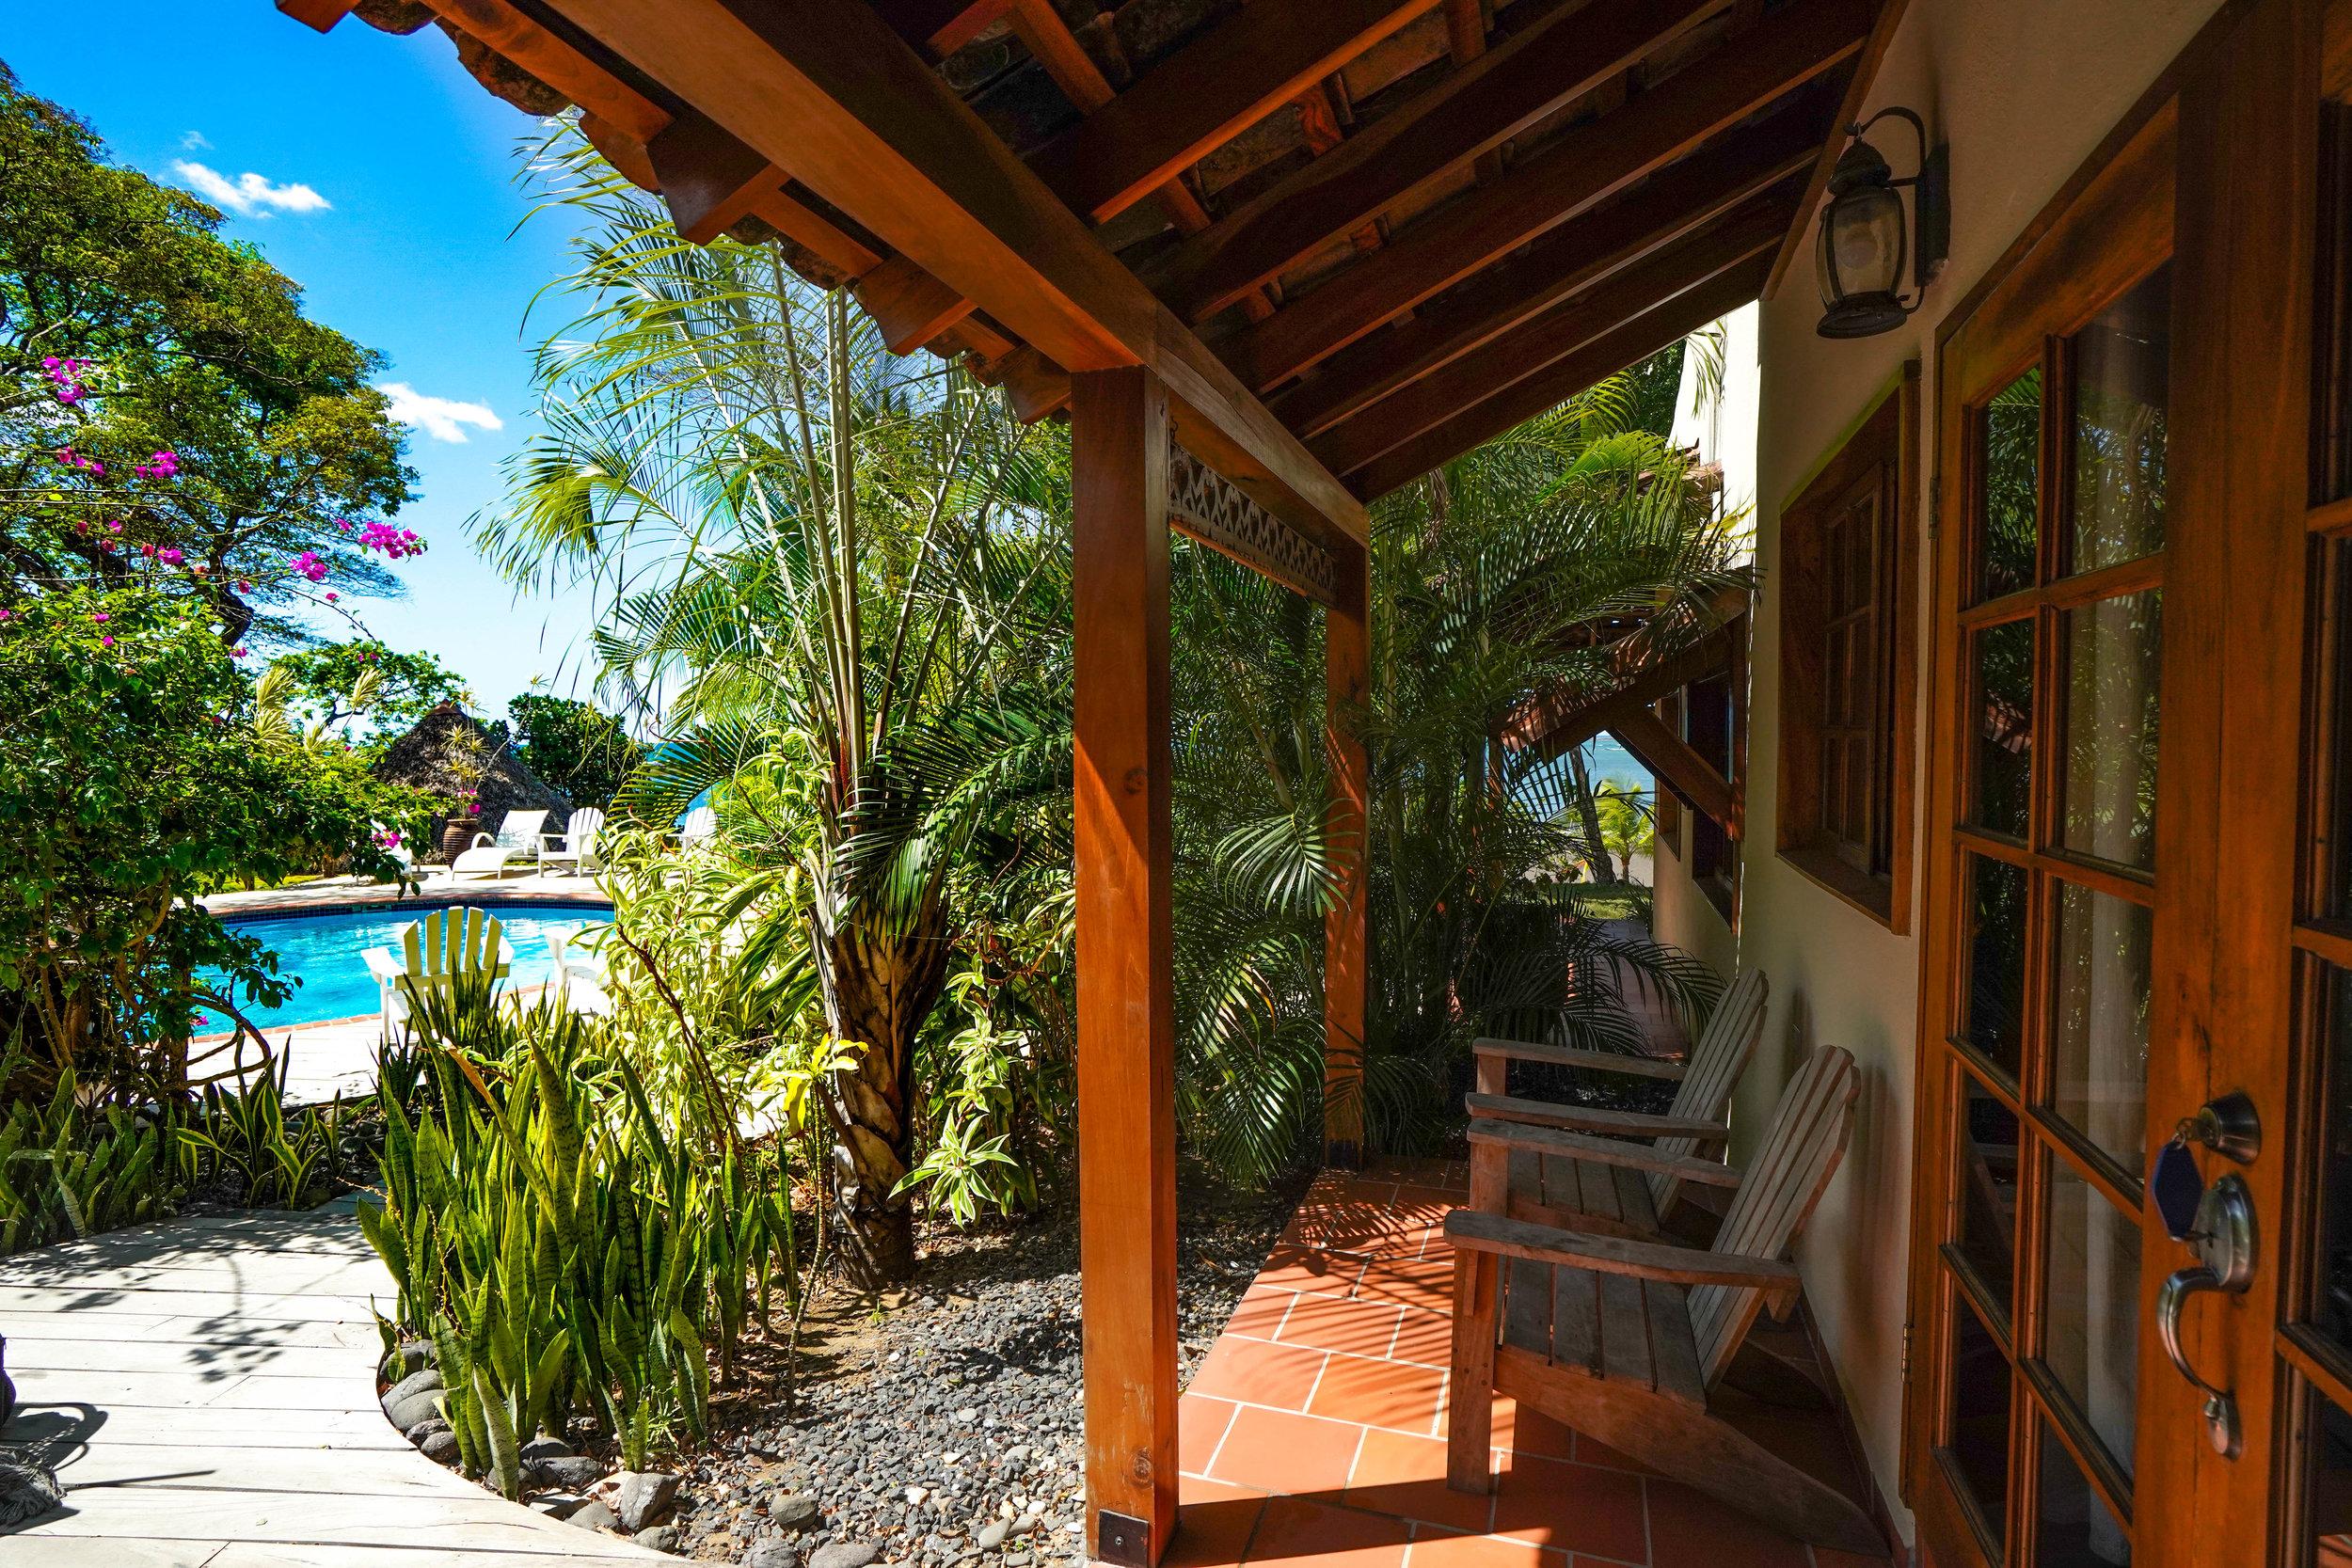 Sansara_Resort_Cabana_Hanuman-9.jpg